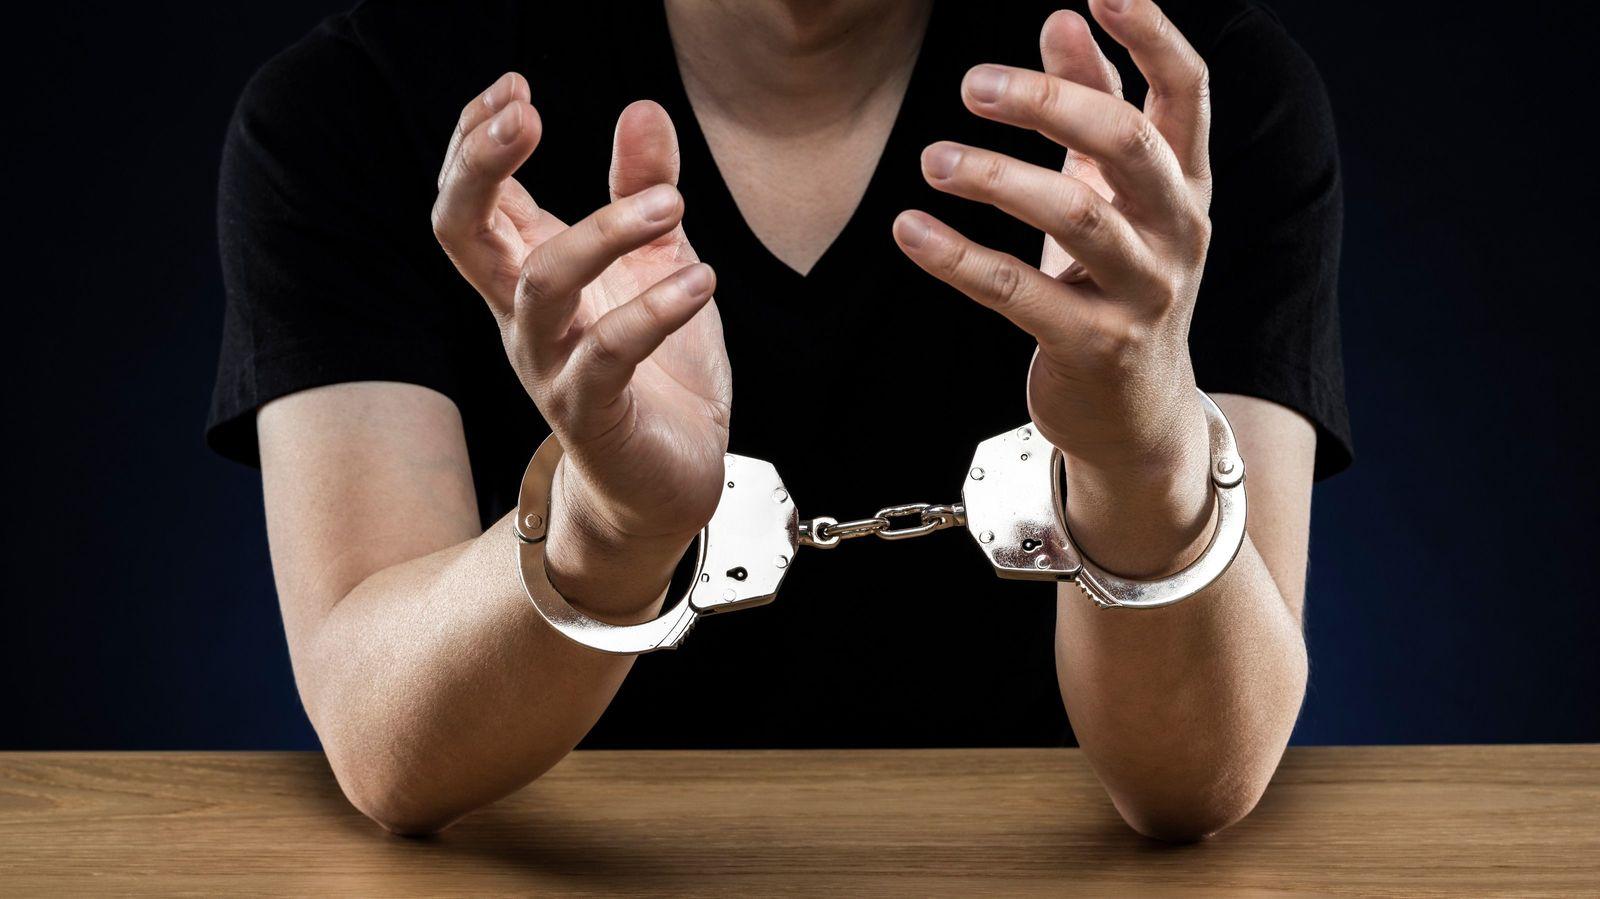 弁護士が心配する「コロナで急増する犯罪」ランキング 3位傷害、2位不正アクセス、1位は…